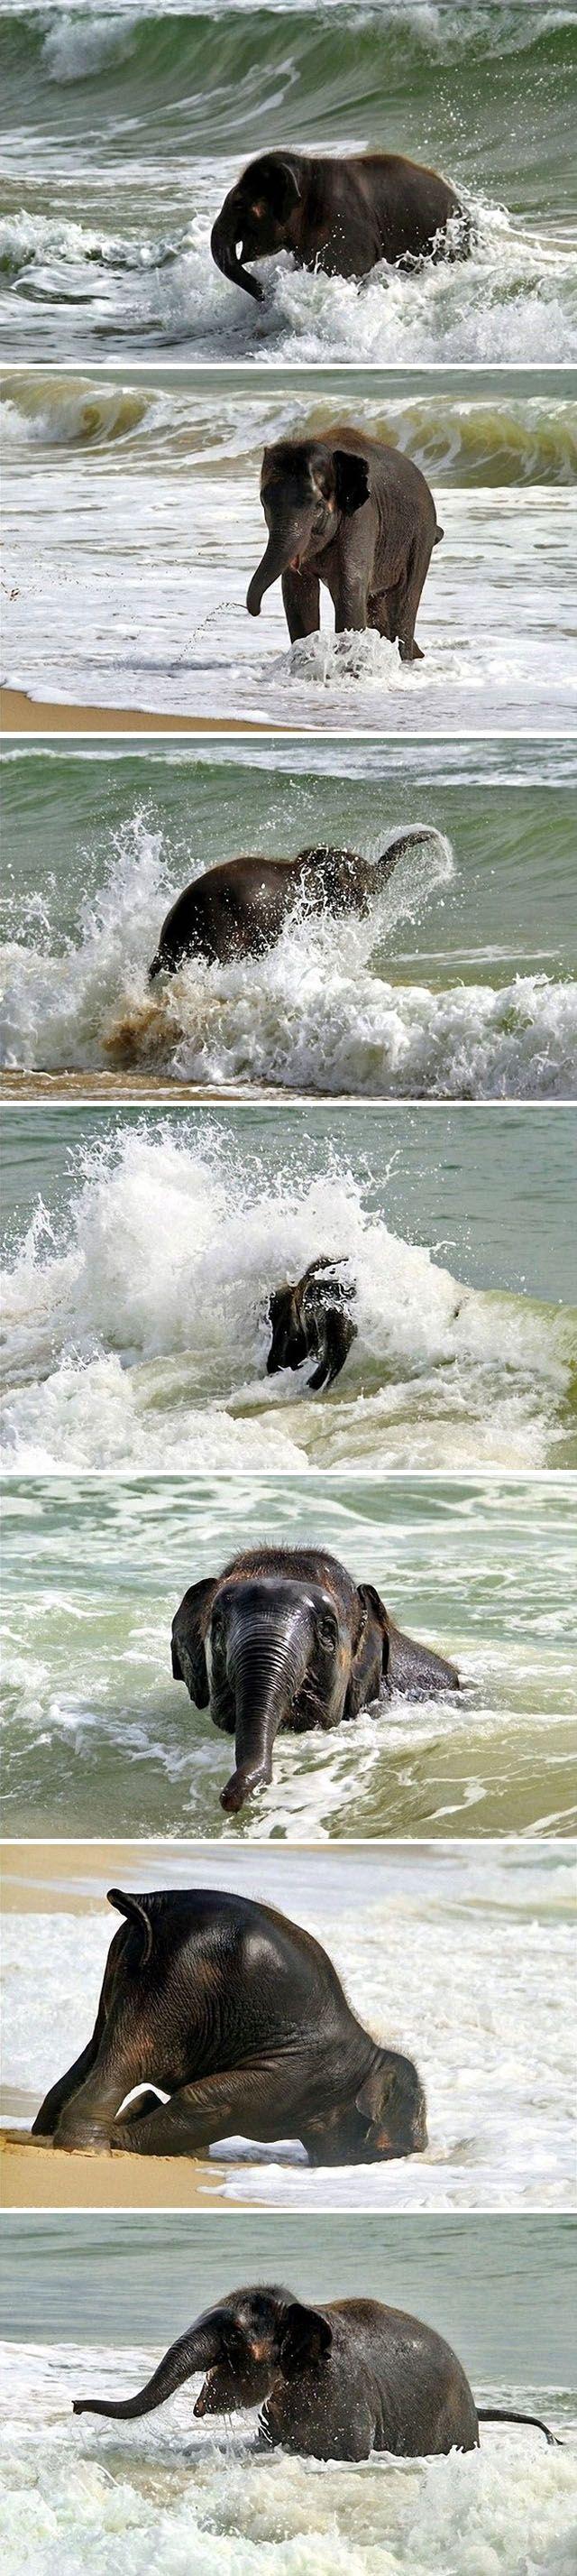 Elephant at the beach <3